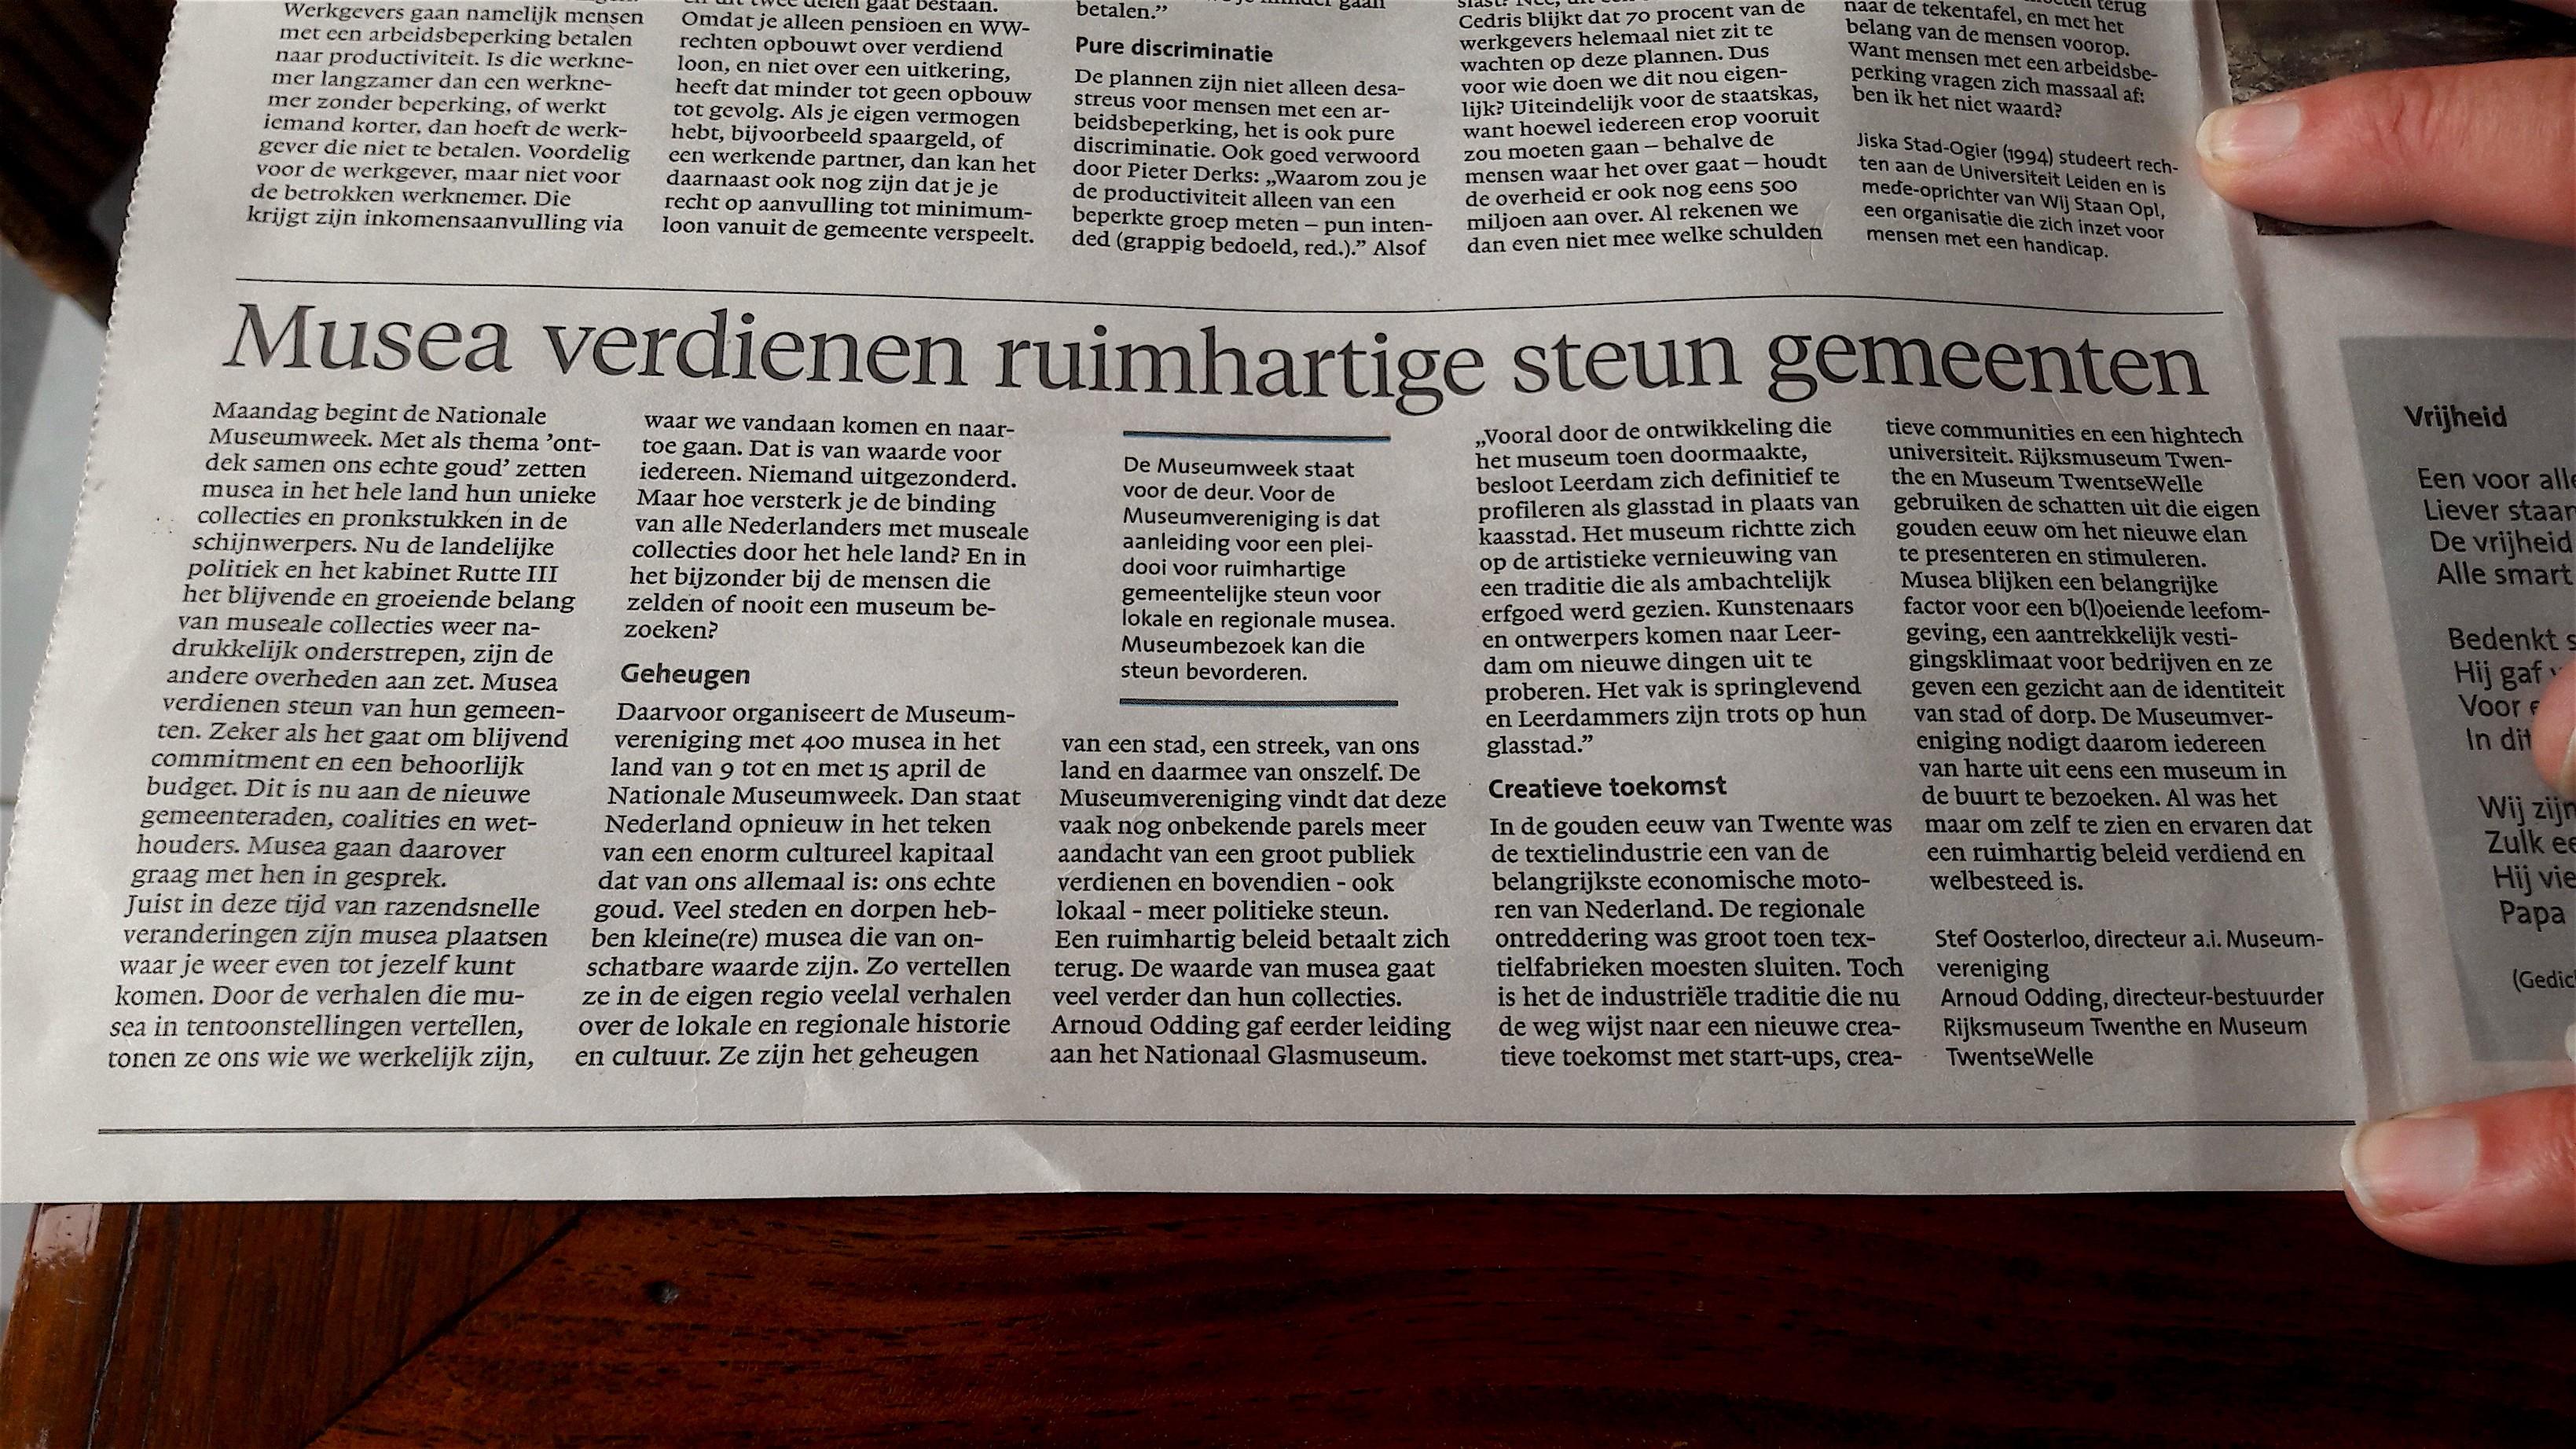 Musea verdienen ruimhartige steun van gemeenten (foto Loes Vermeer-Lagerveld)